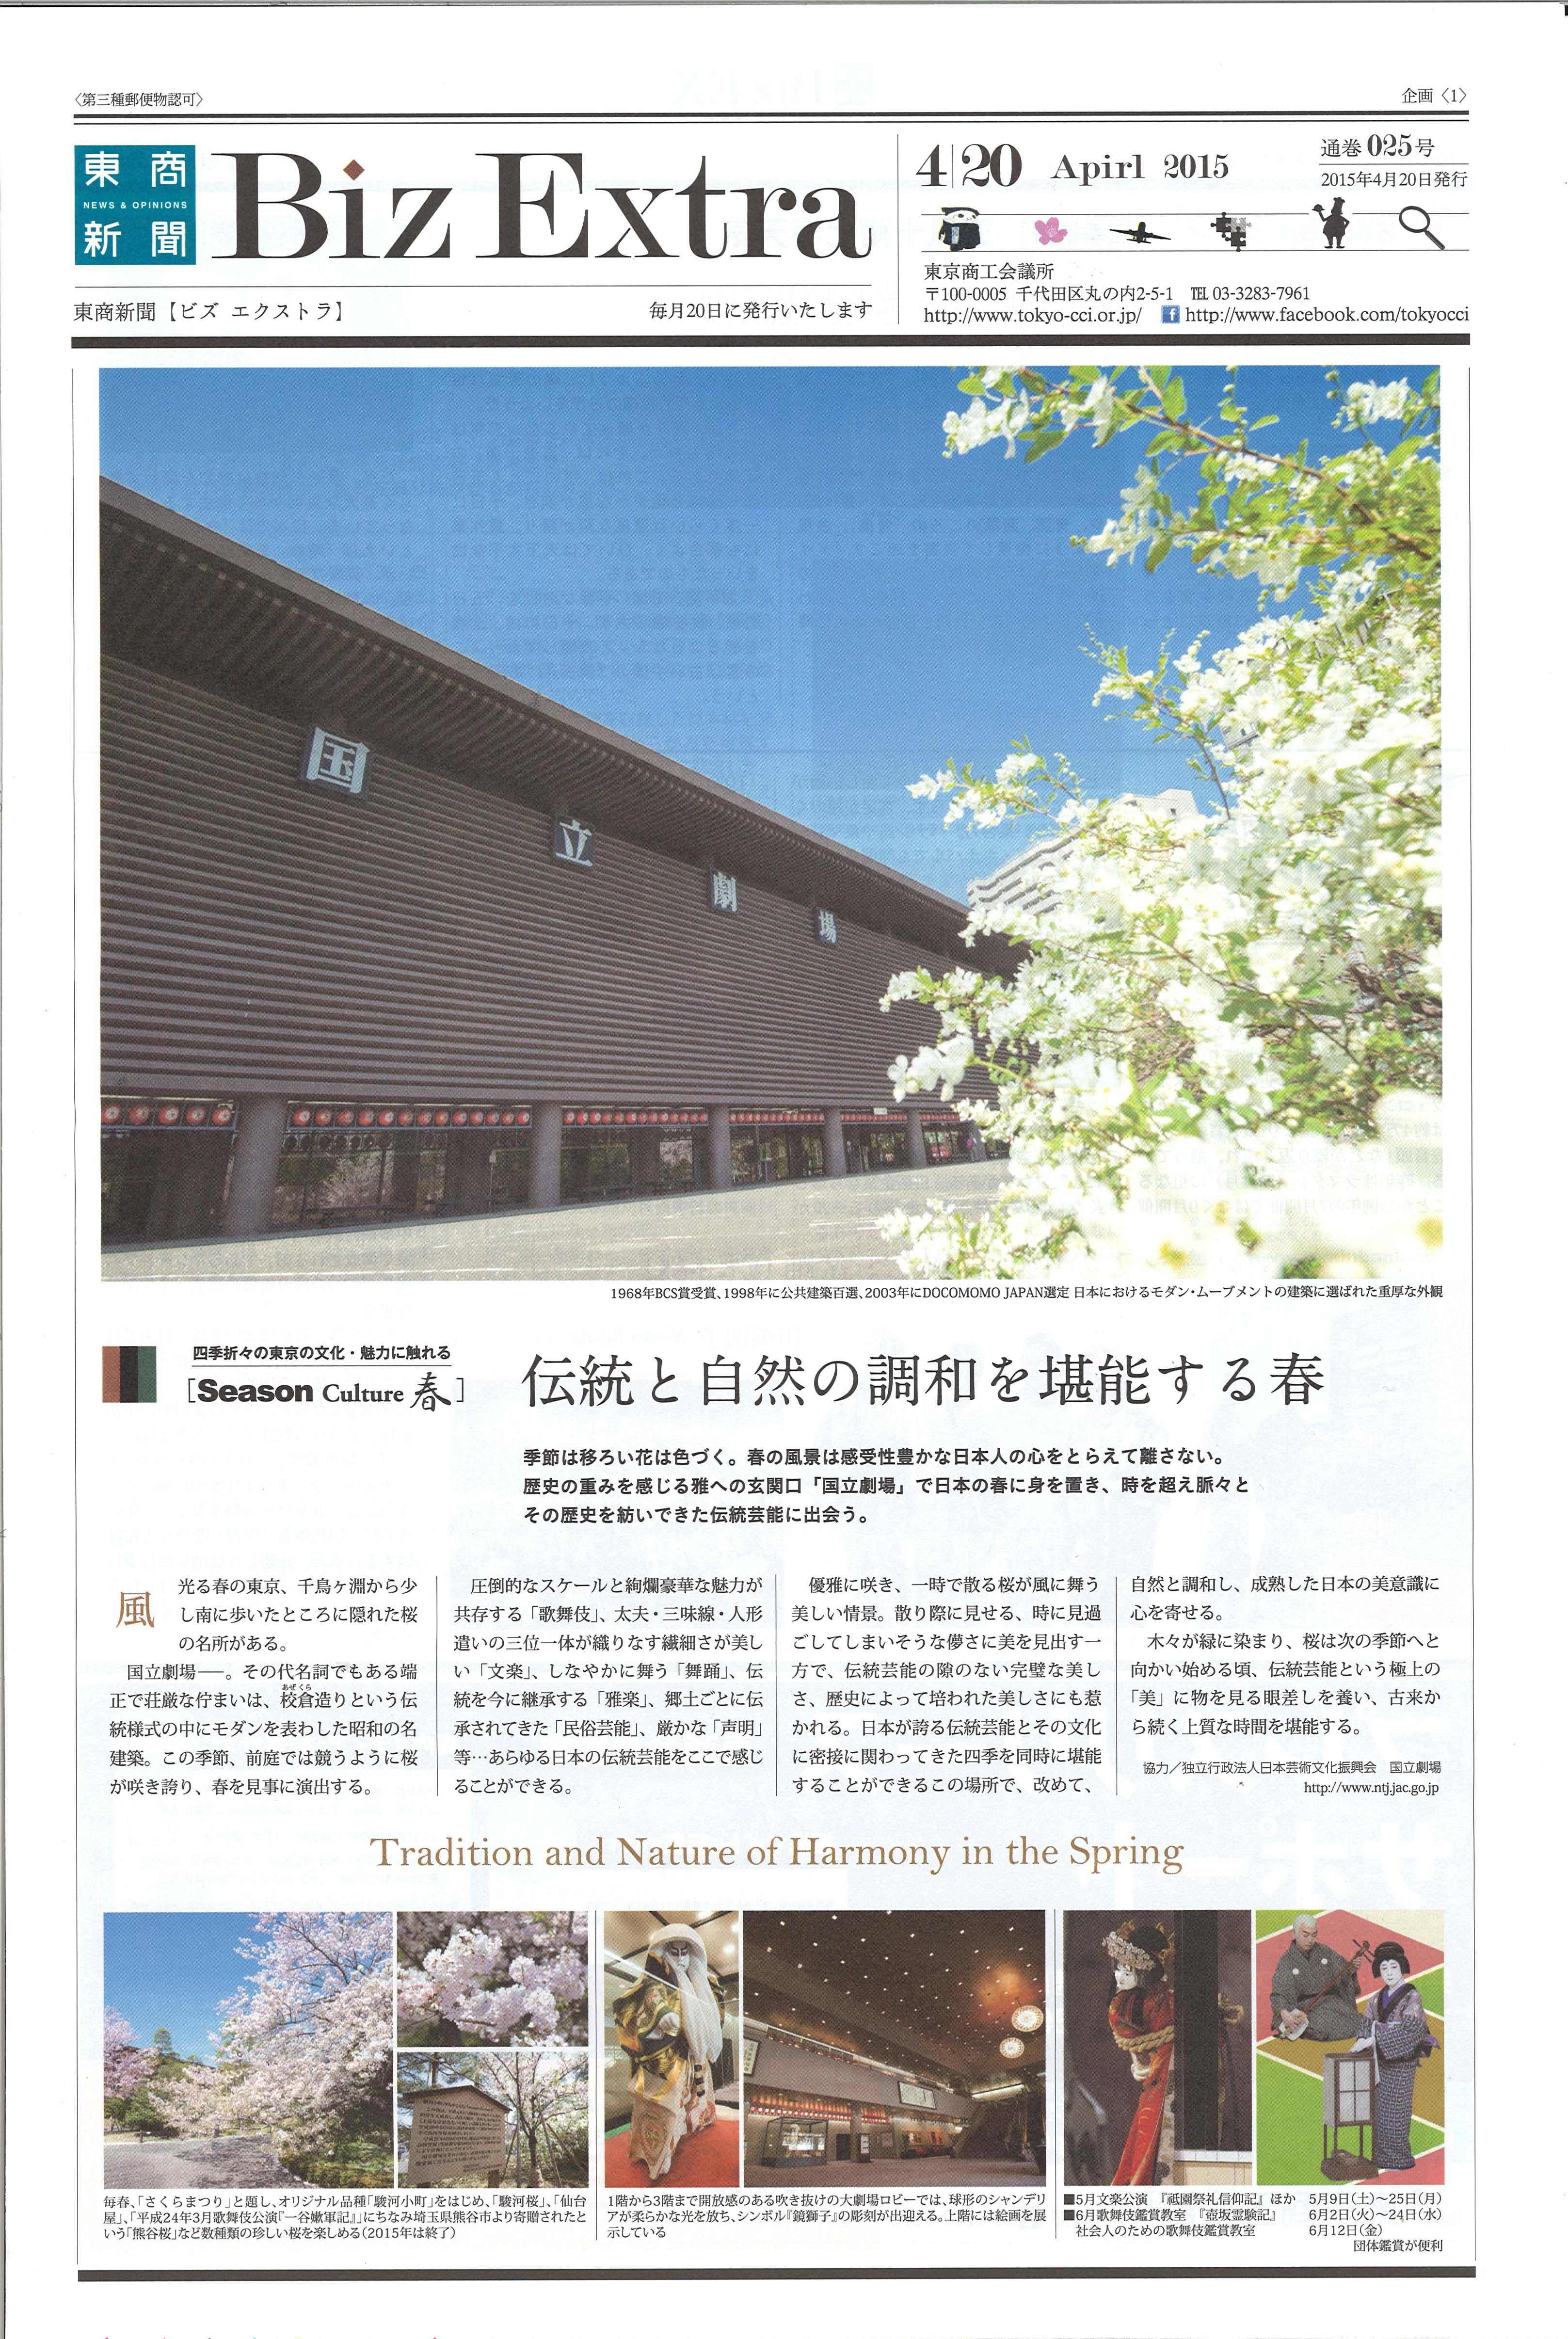 「東商新聞 Biz Extra」 April 2015 通巻025号